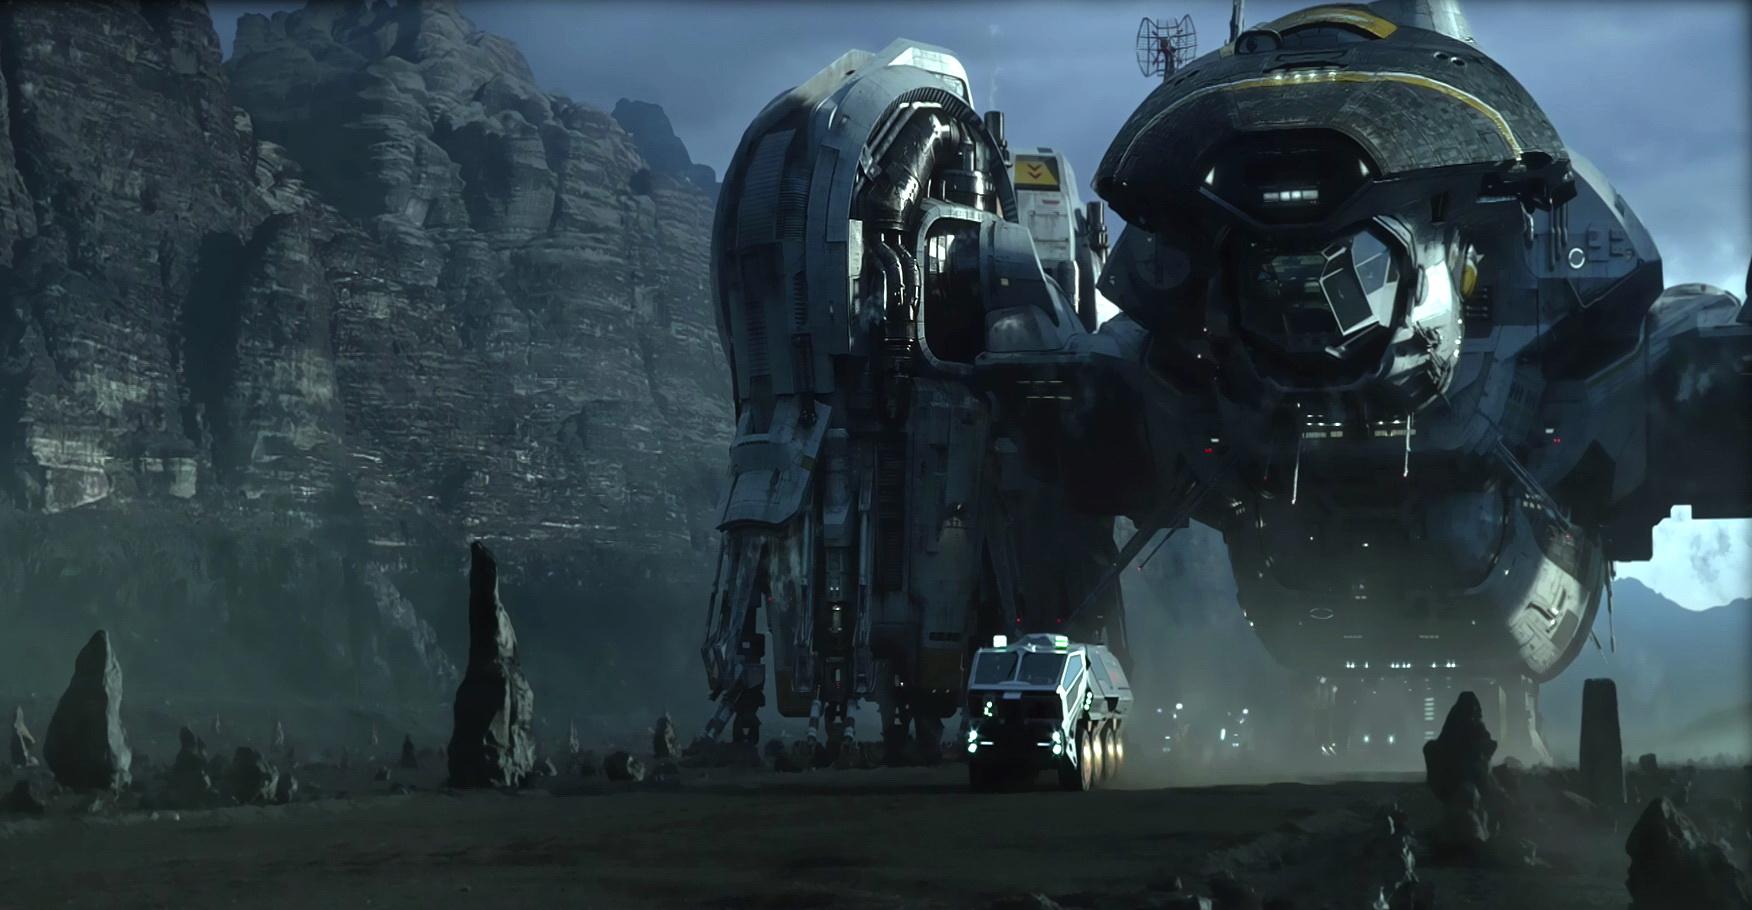 Baixar the ship lands Prometheus Dublado e Dual Audio Download